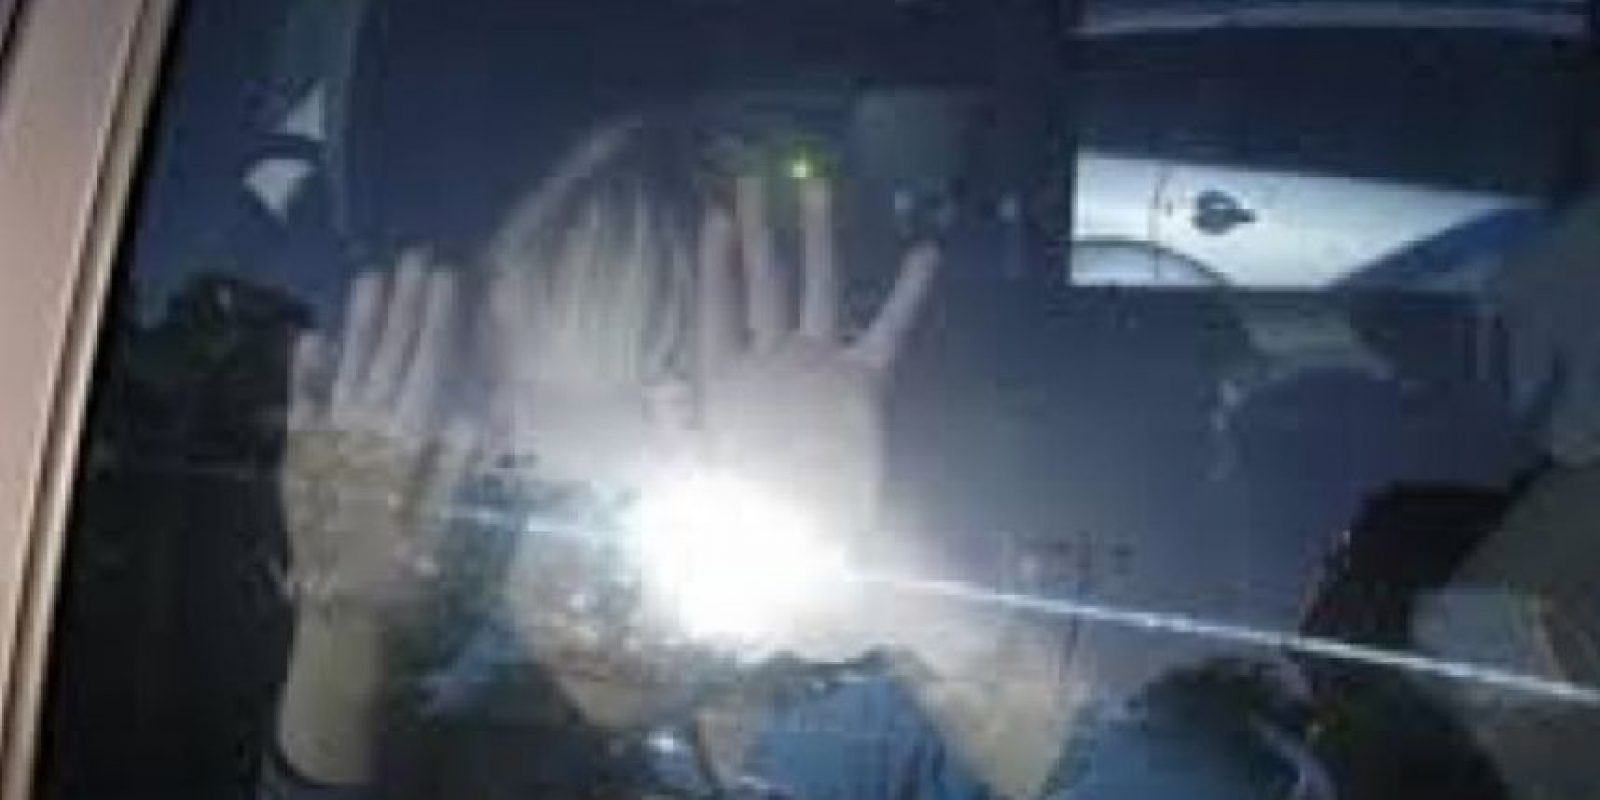 Se registraron 34º centígrados al inicio; concluido el experimento, 30 minutos después, Ward estaba cubierto en sudor, con signos vitales alterados, en un auto que registraba 47º centígrados. Foto:Pinterest